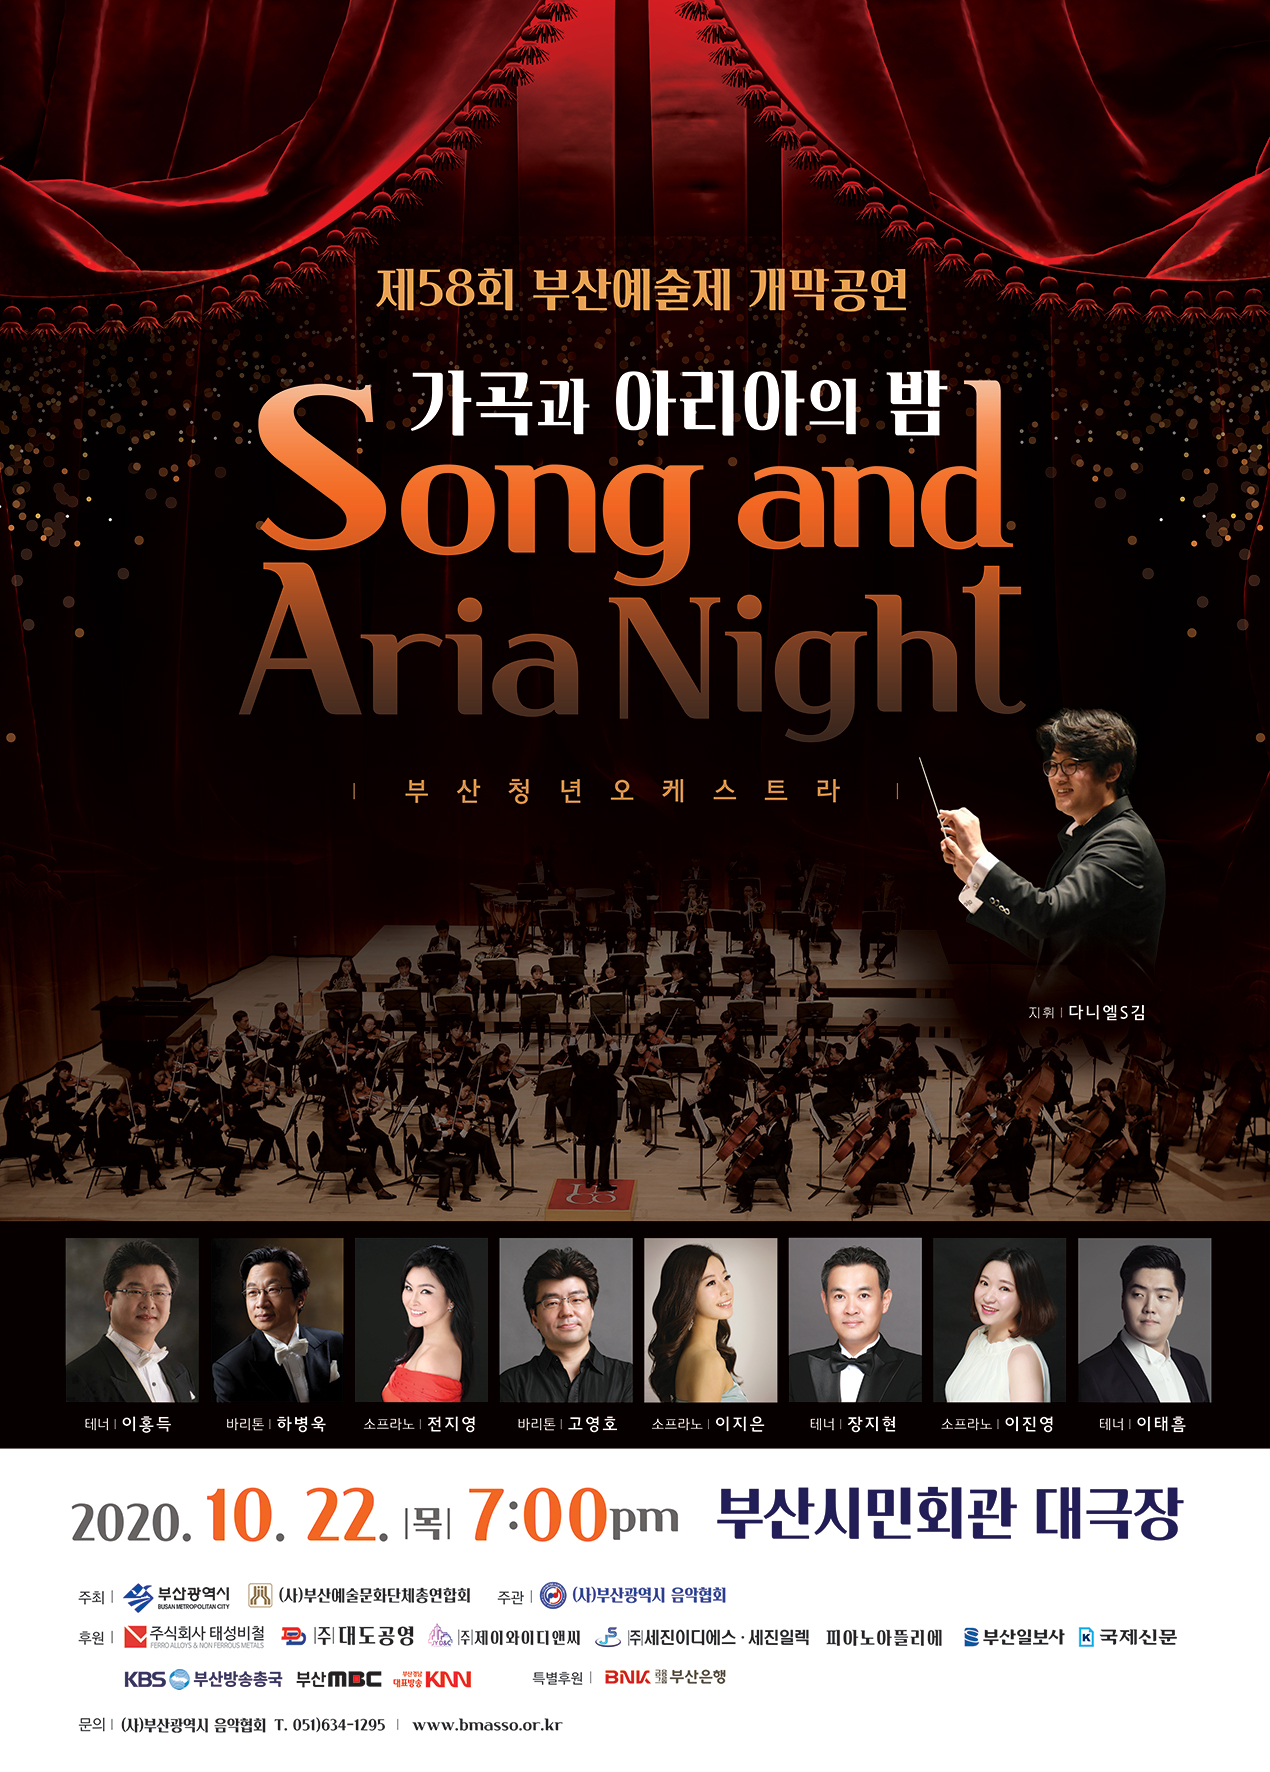 제58회 부산예술제_가곡과 아리아의 밤